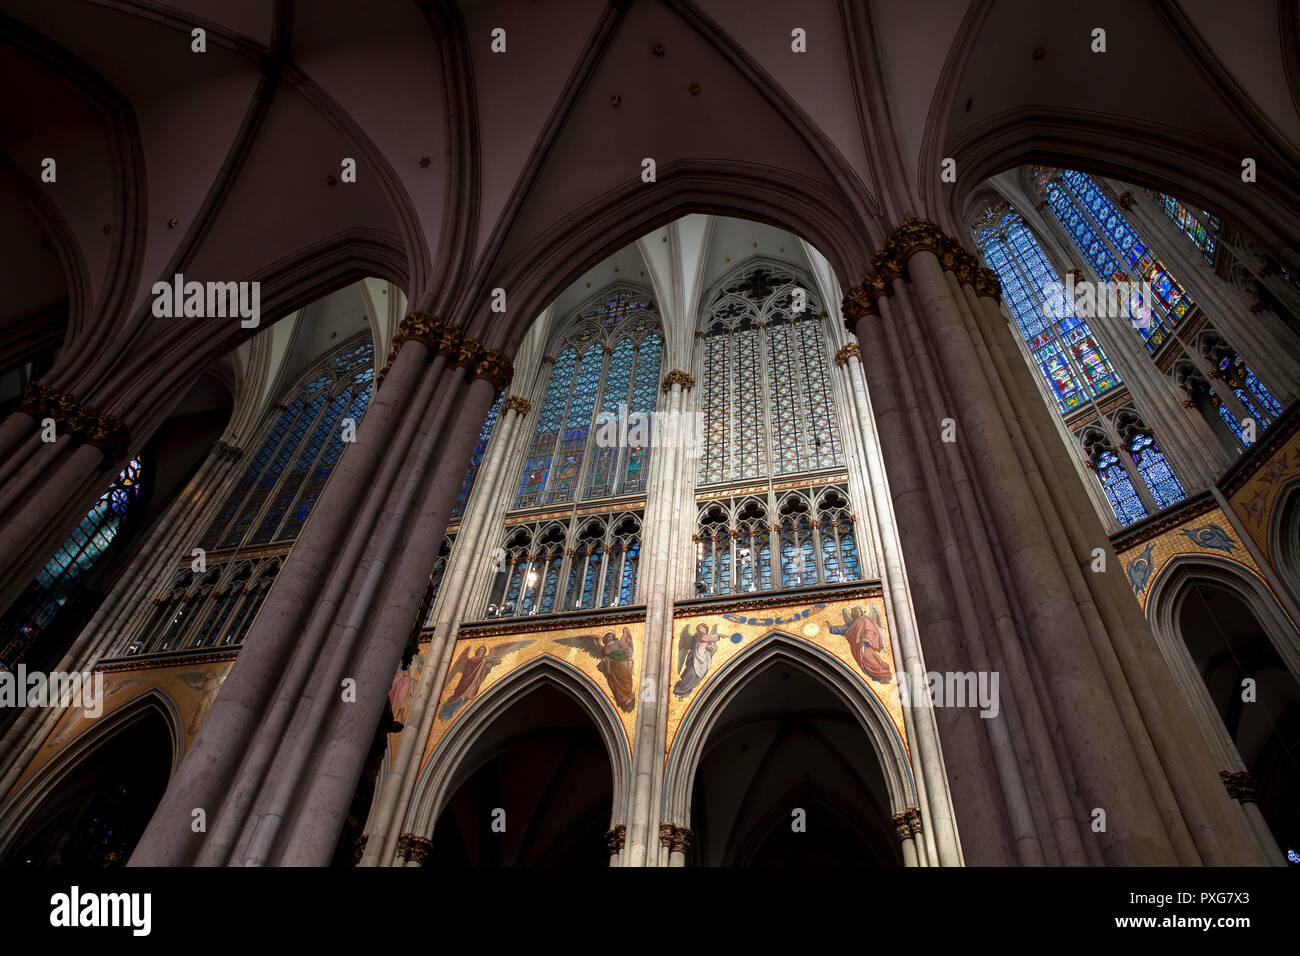 Windows in den Chor der Kathedrale, Köln, Deutschland. Fenster im Chor des Doms, Koeln, Deutschland. Stockbild